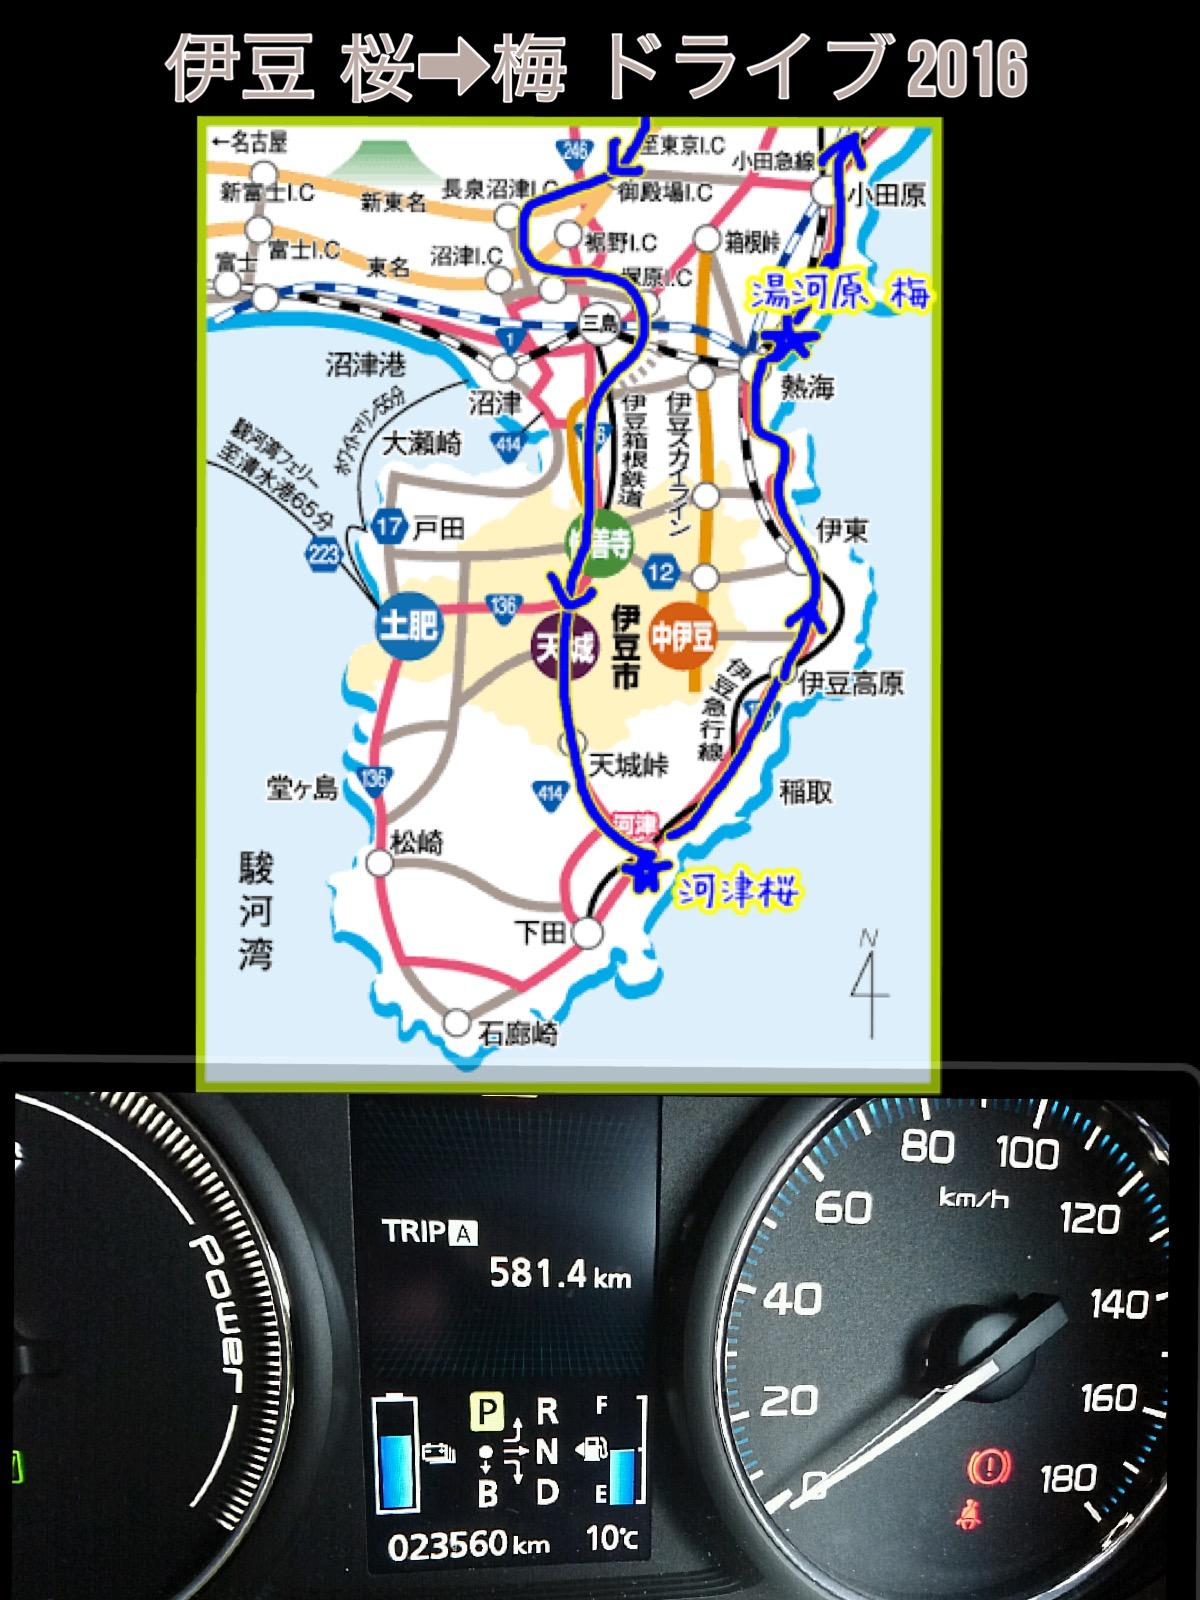 アウトランダーPHEV伊豆ドライブ旅行2016.2月